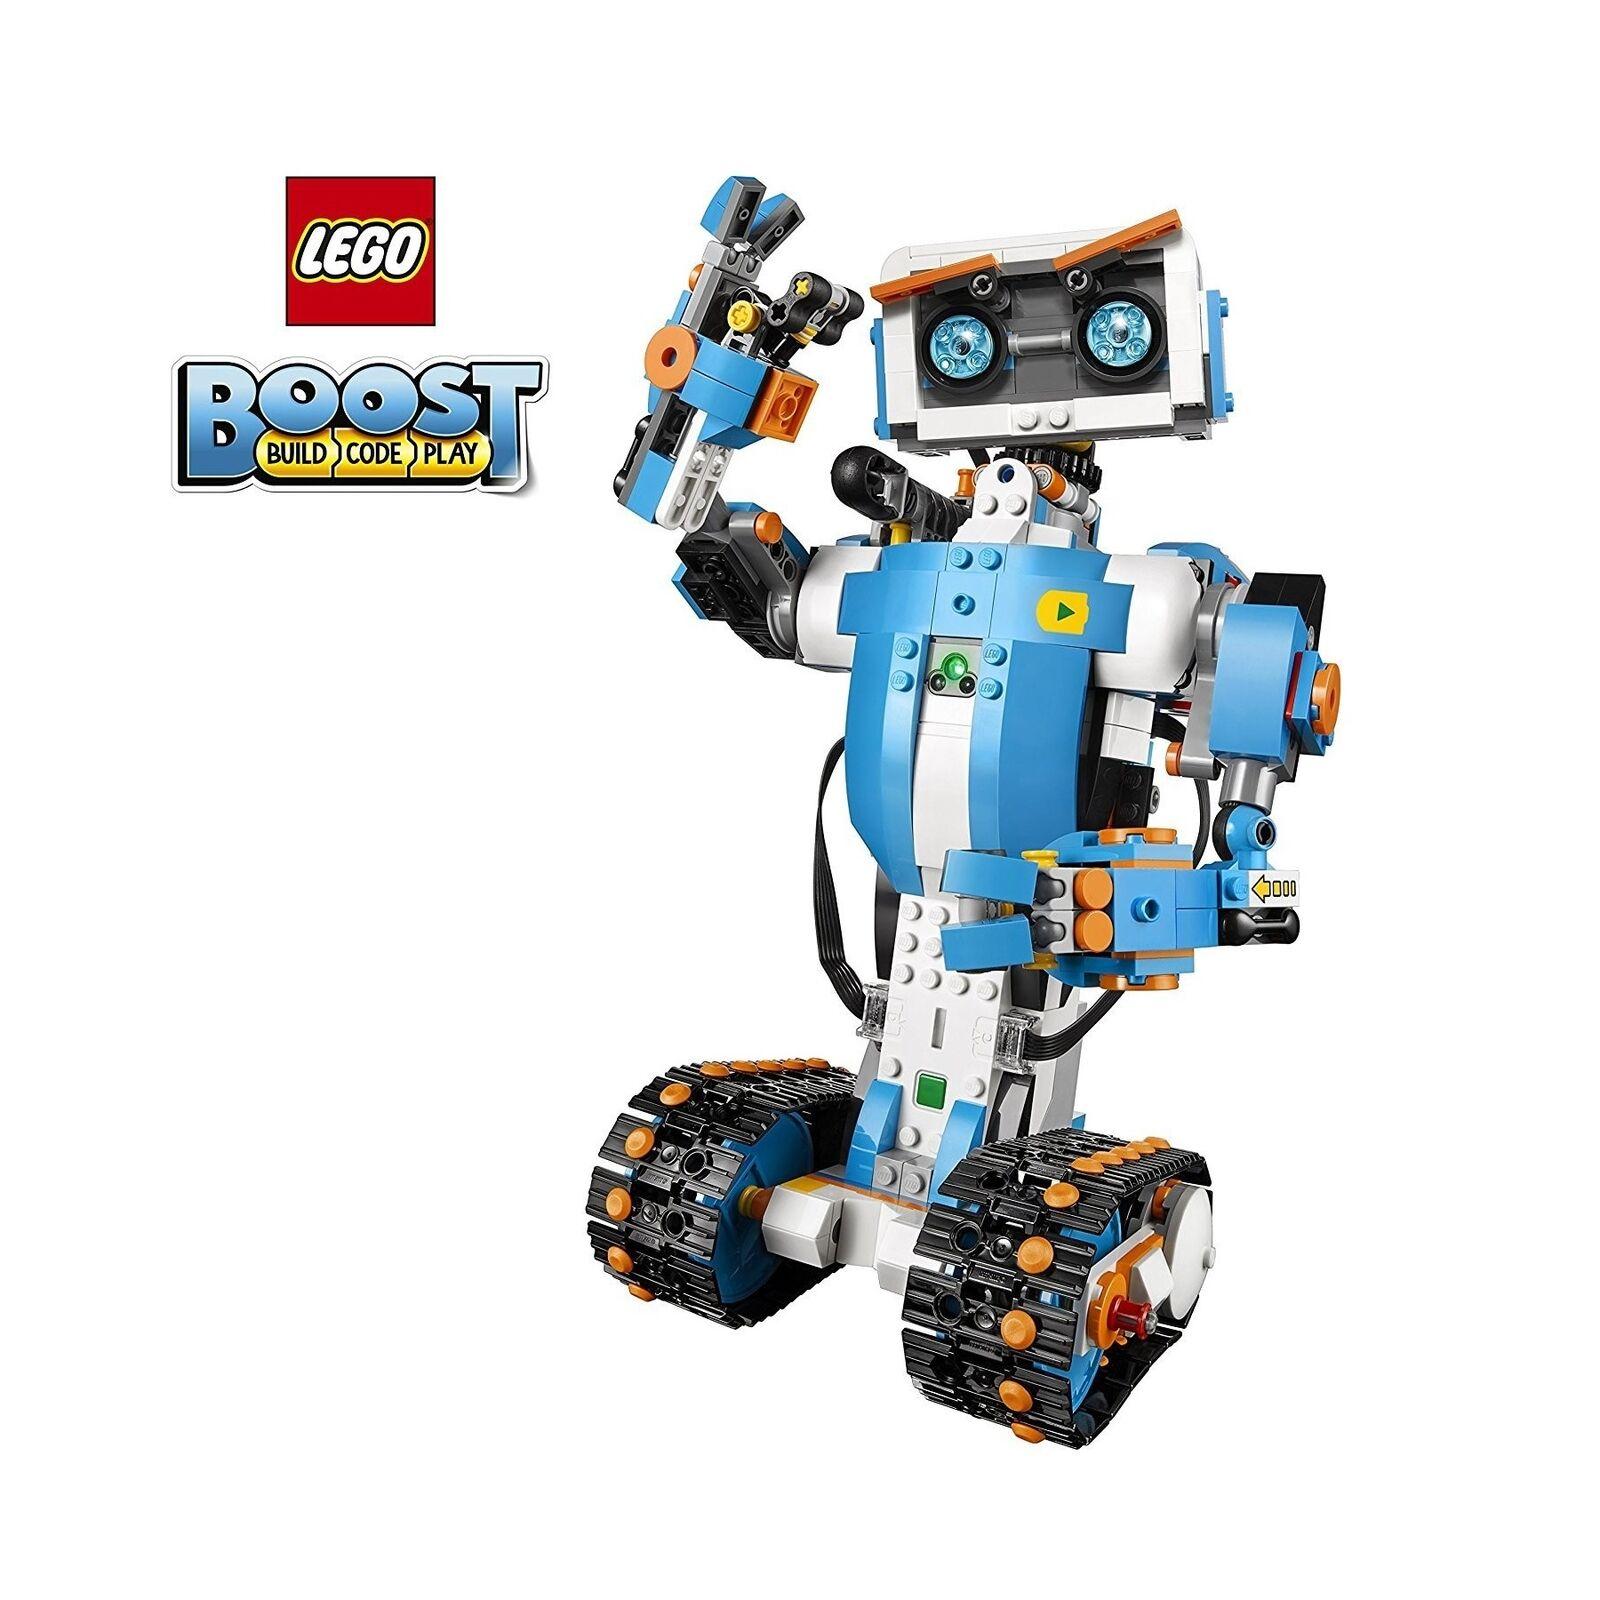 LEGO  Boost Creative strumentoscatola 17101 divertimento Robot costruzione Set e Educational Codi...  benvenuto per ordinare